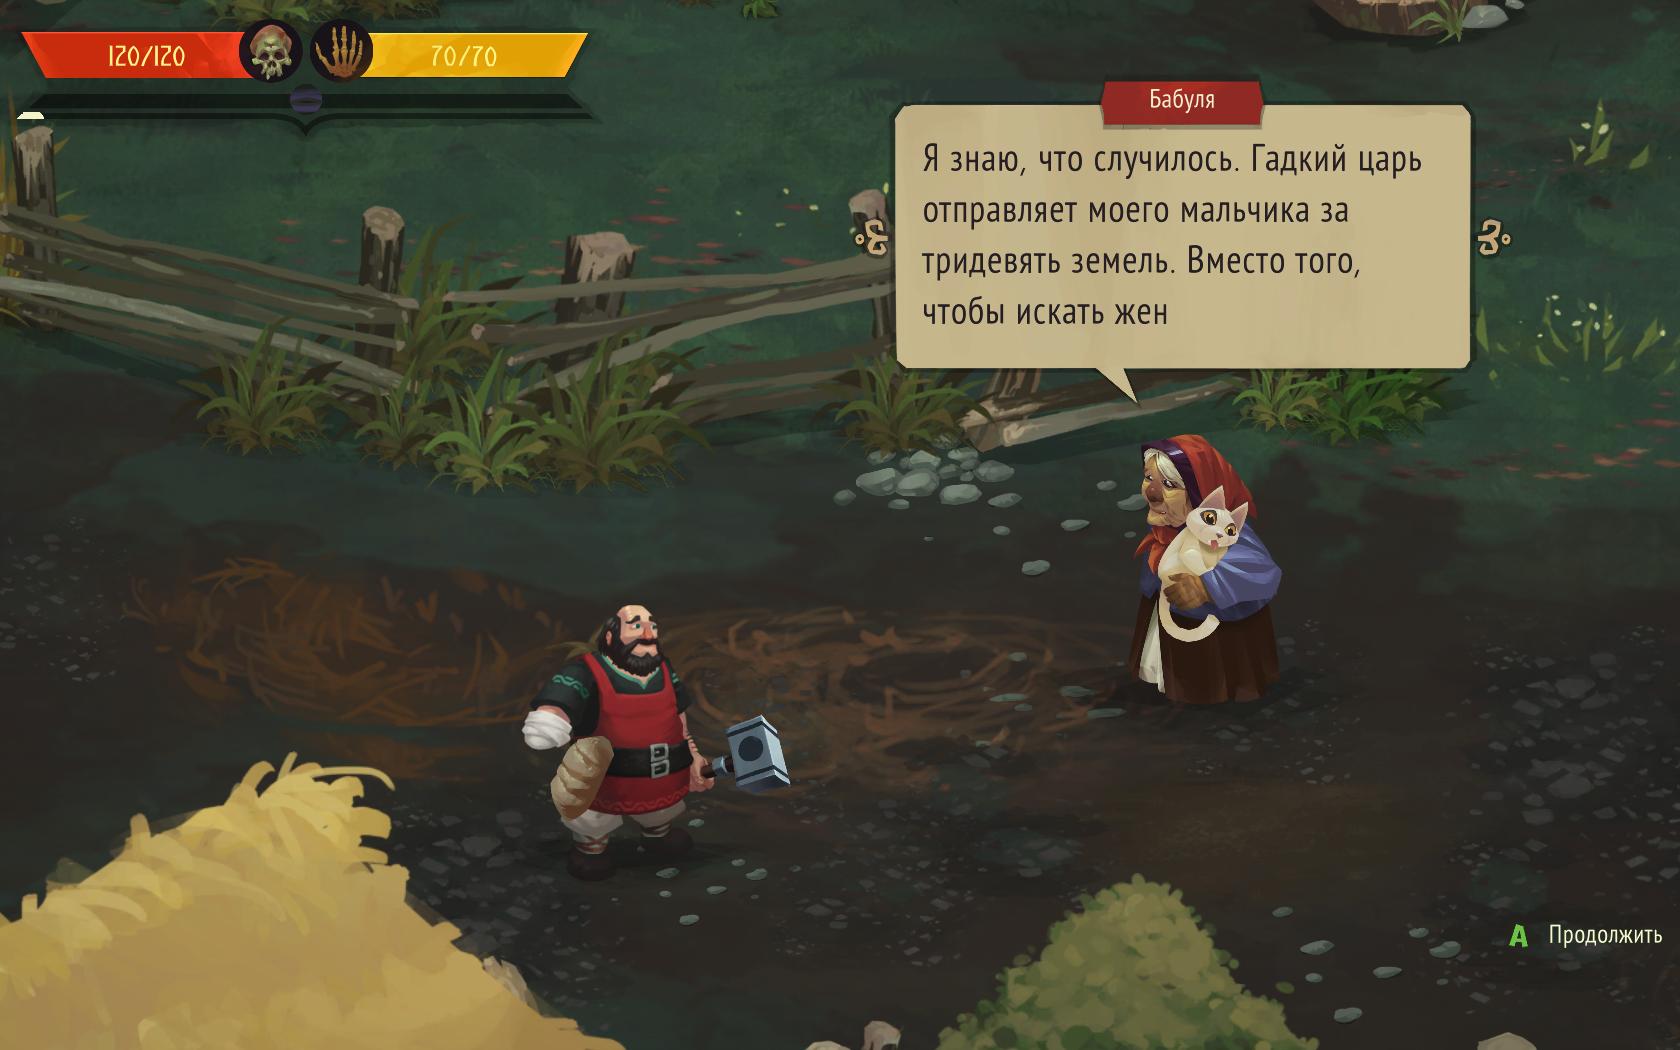 Бабуля не довольна, что царь Ивана куда-то отправляет..